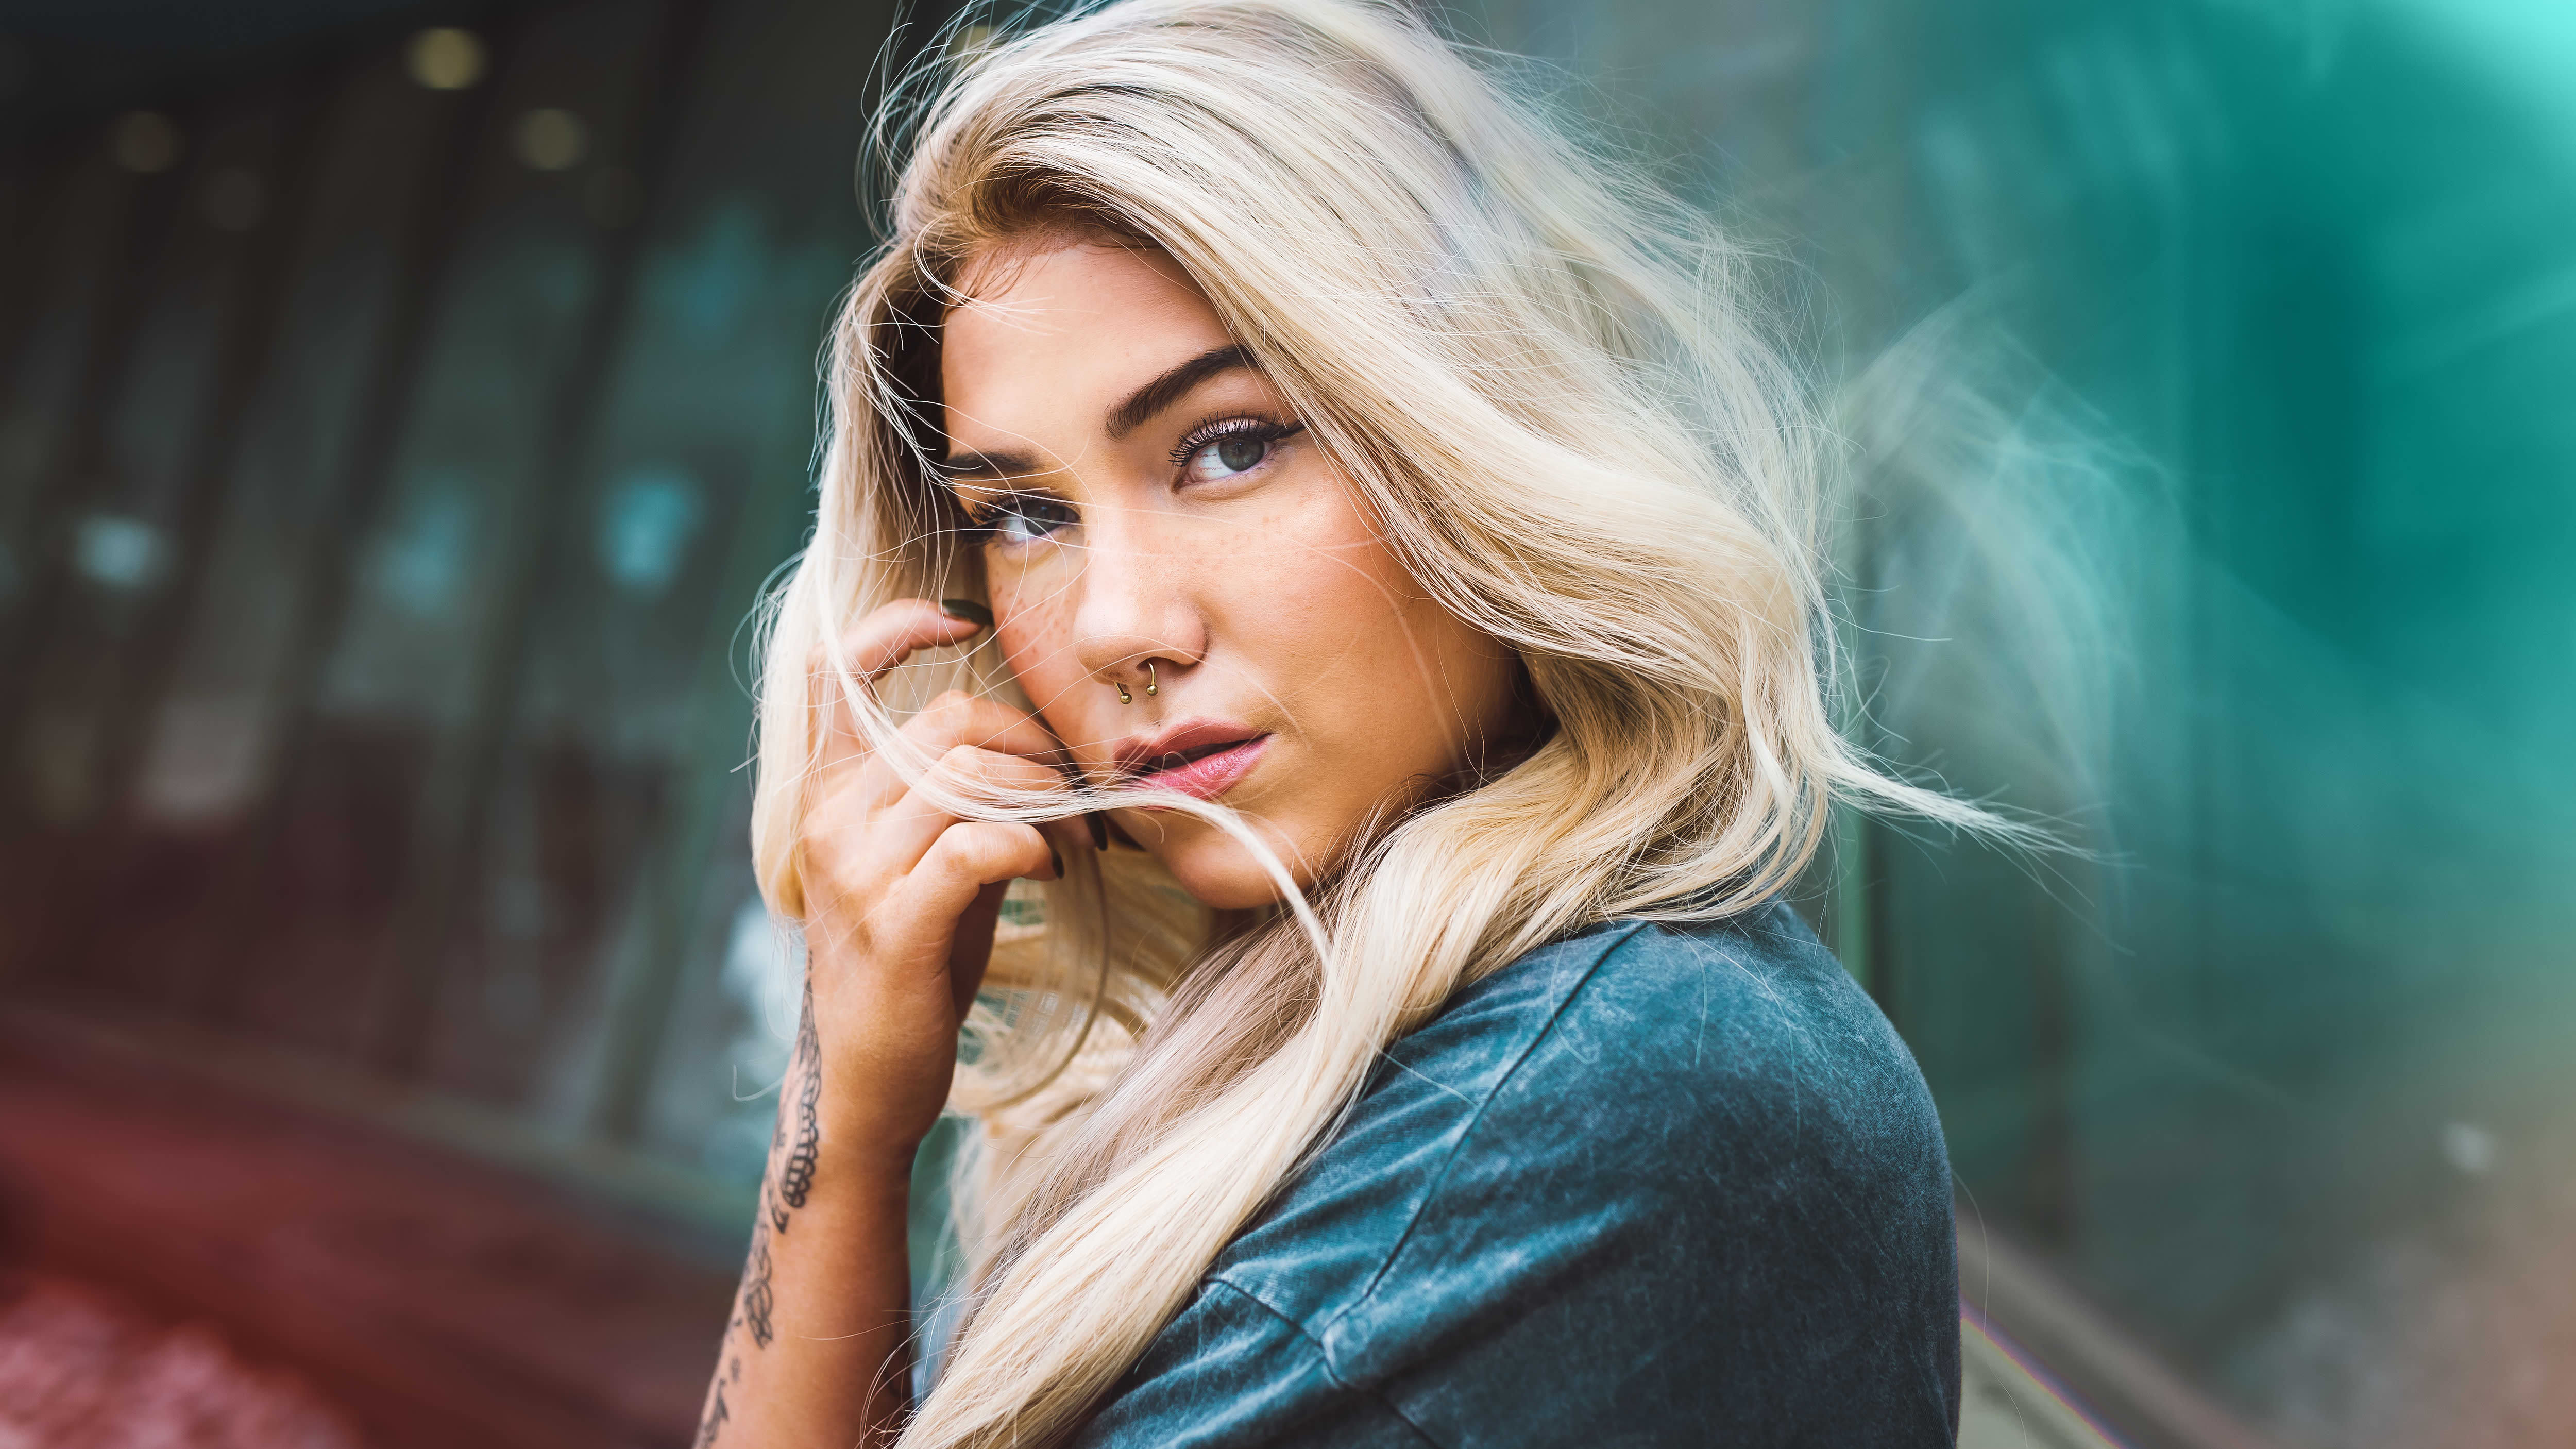 Vaaleahiuksinen laulaja Evelina katsoo tuulessa heiluvien hiustensa takaa kameraan. Hän seisoo kameraa kohti sivuttain ja nojaa toista kättään kevyesti poskeensa.